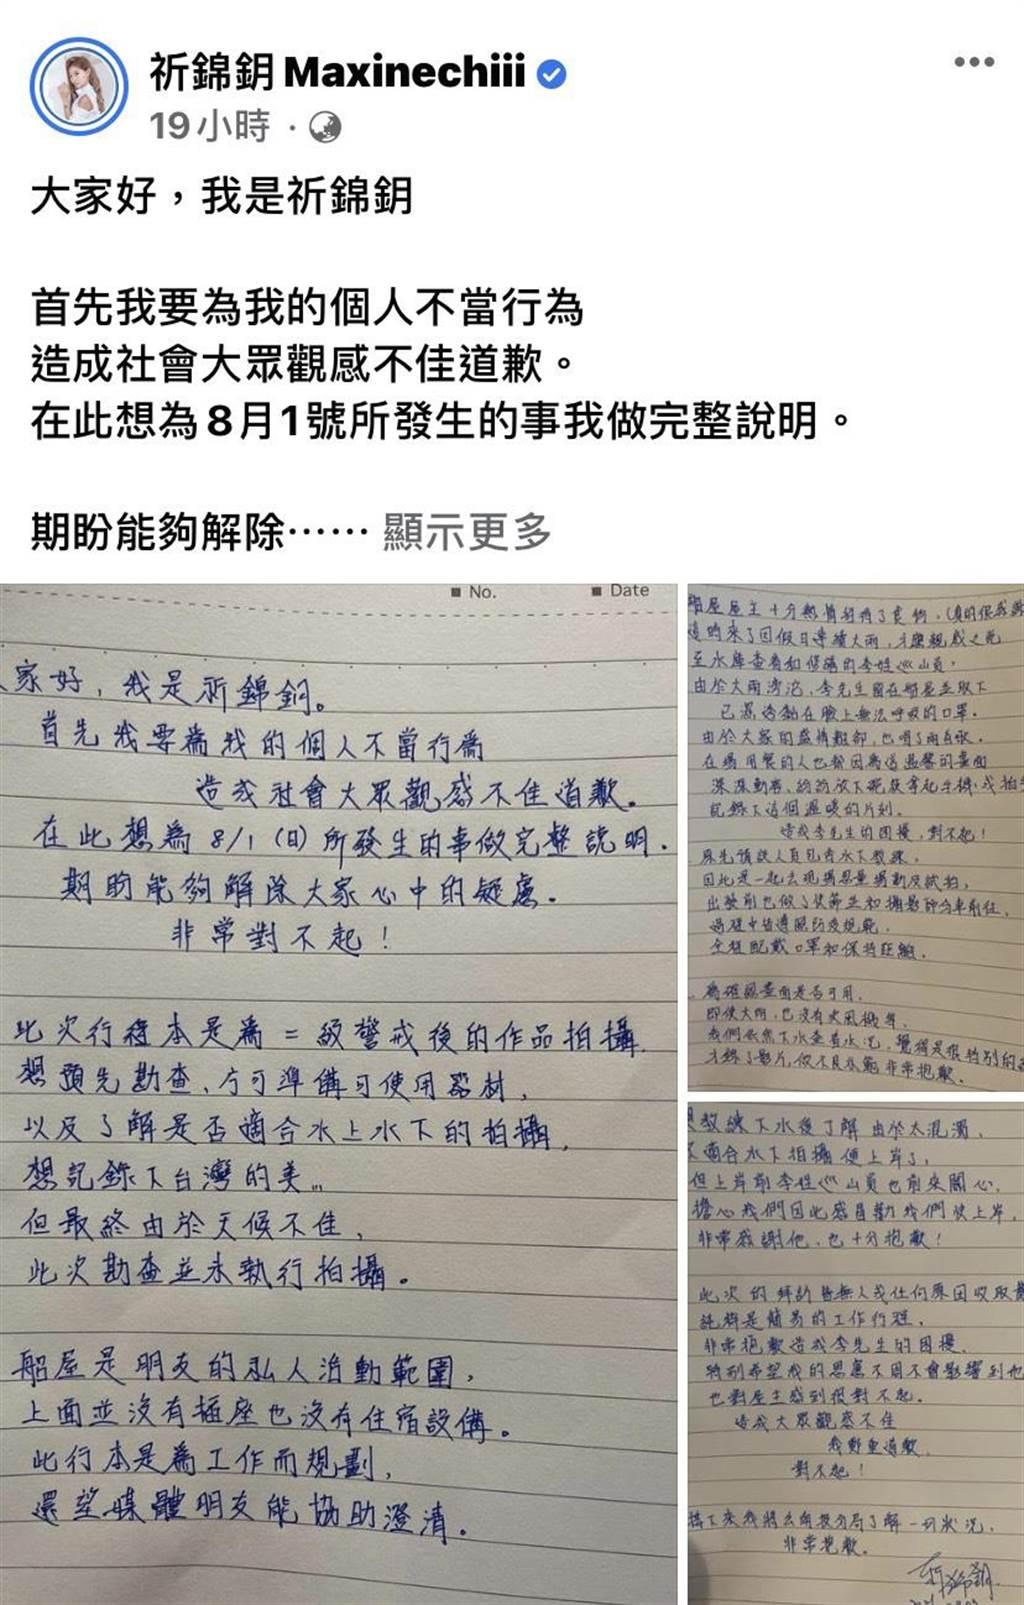 網紅祈錦鈅除在個人臉書貼上親筆信,說明事件原委,對於個人違反防疫規範的行為鄭重道歉。(翻攝祈錦鈅臉書)